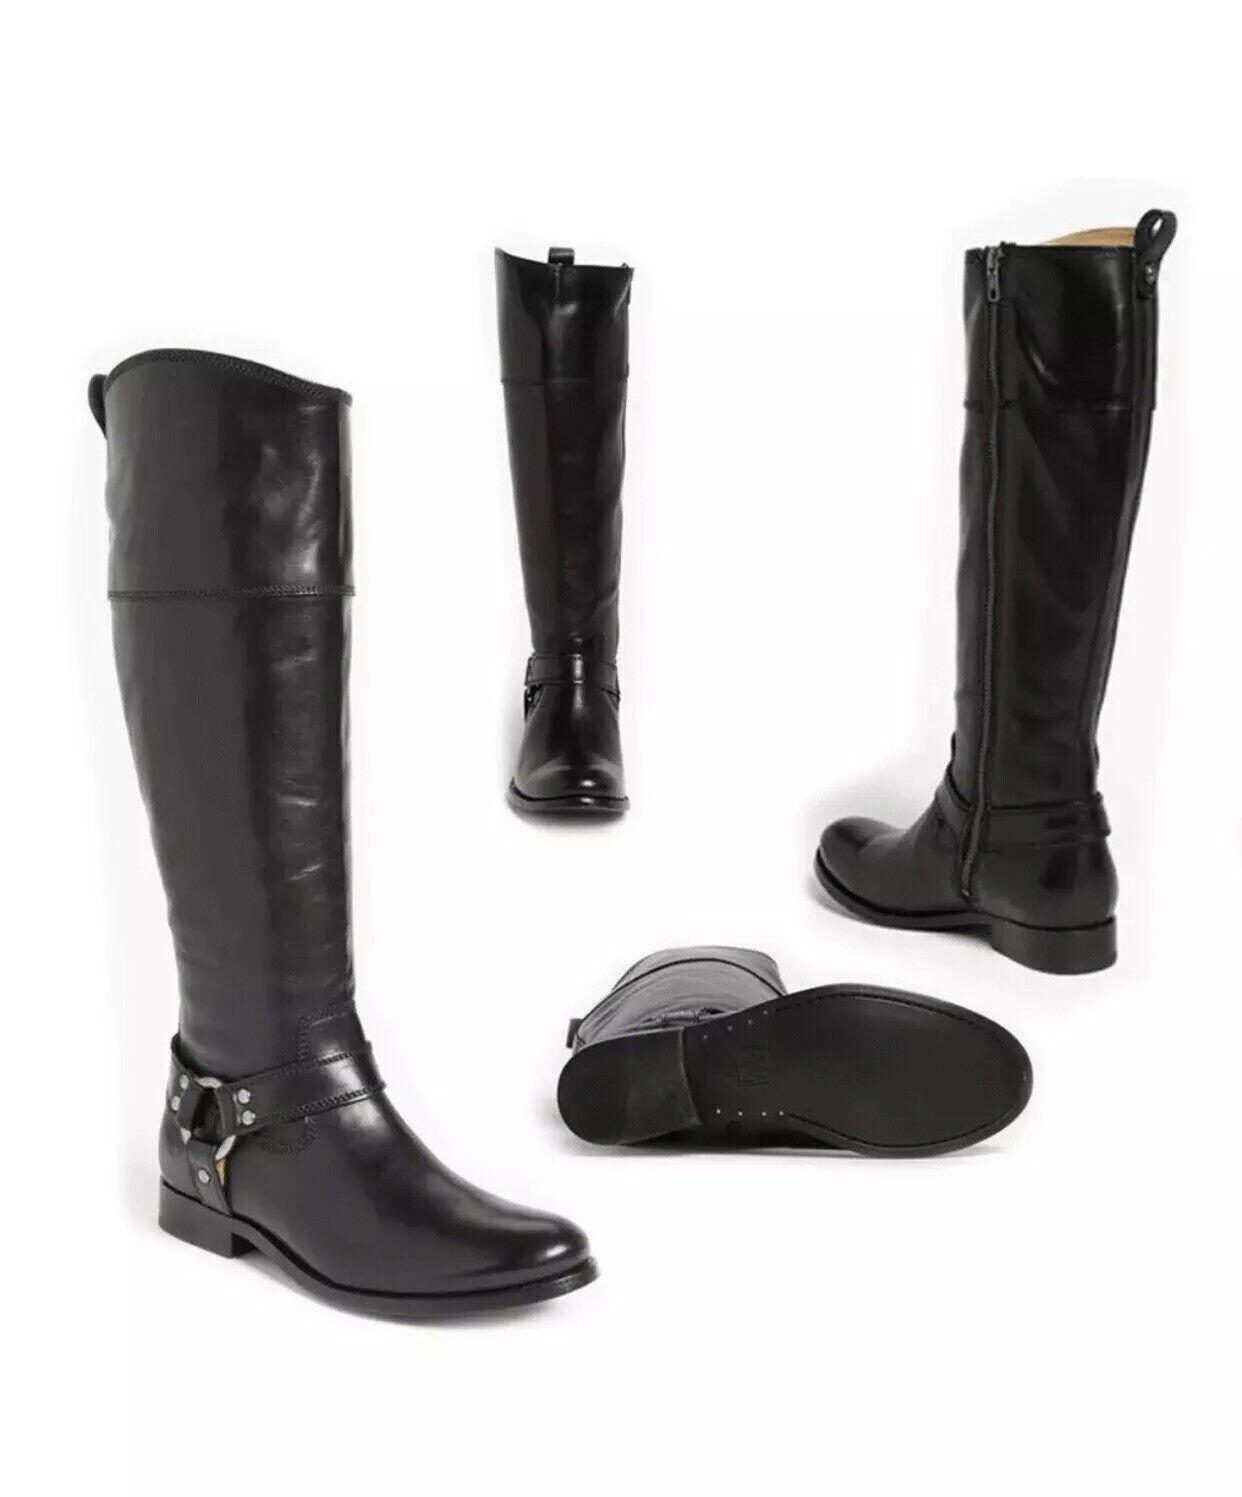 il più recente MWT Frye Melissa Harness nero nero nero Riding Equestrian Sz 8  298.00 stivali  fabbrica diretta